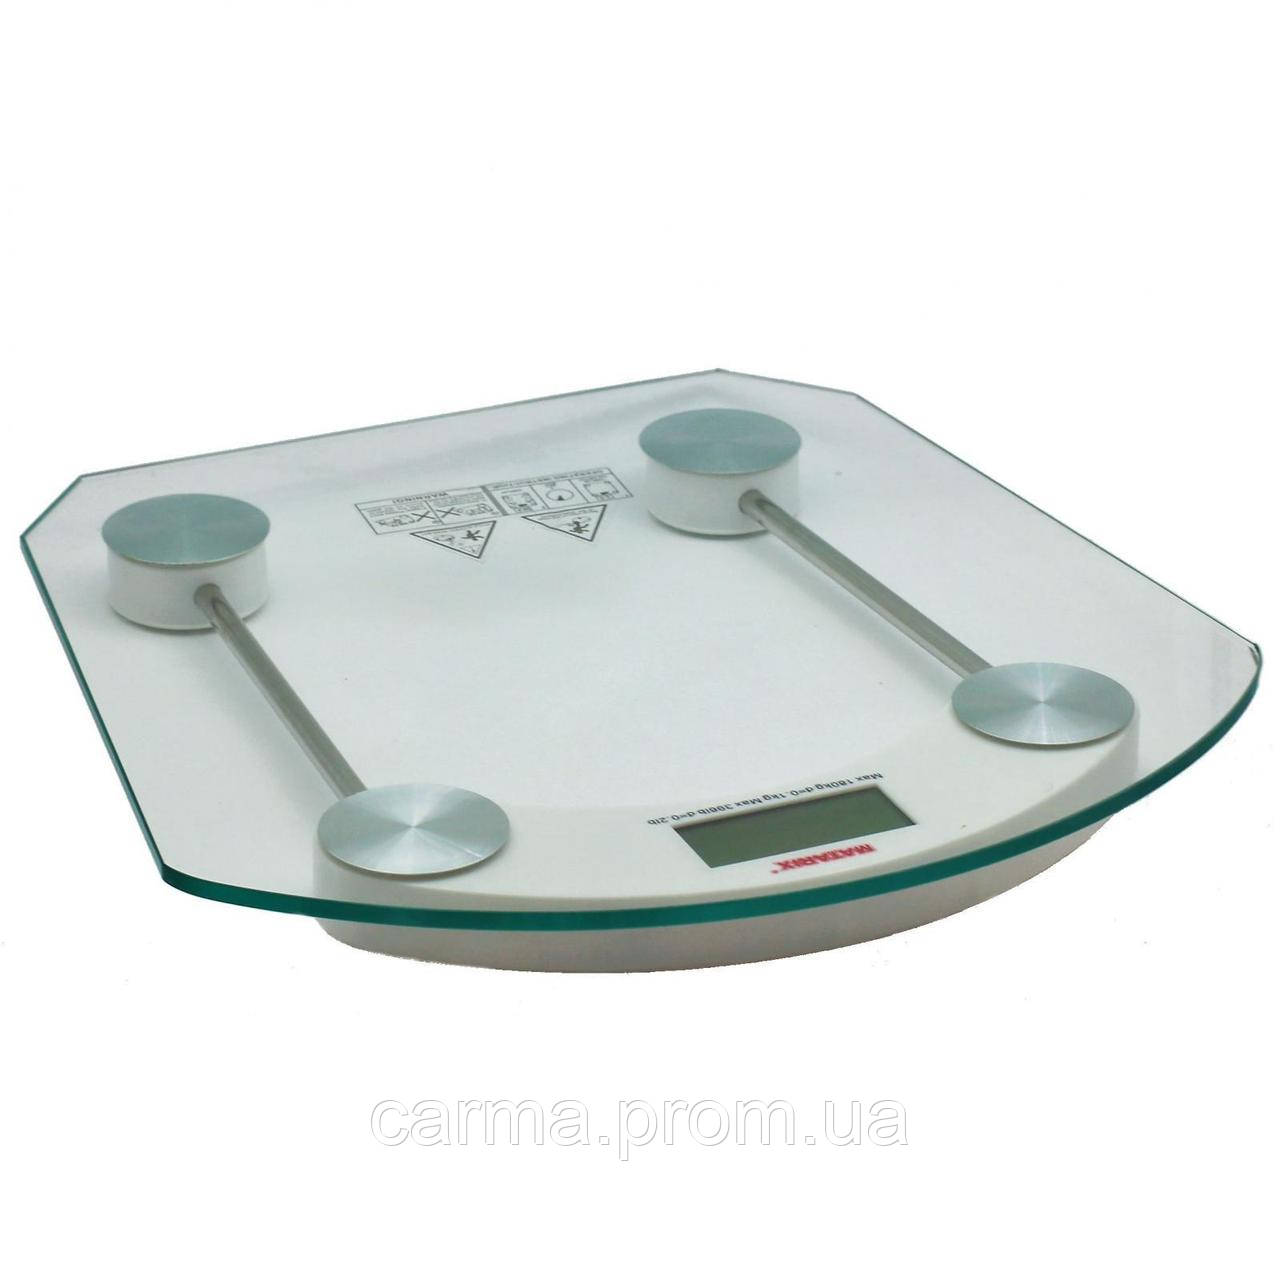 Весы напольные MATARIX MX 451B 180 кг